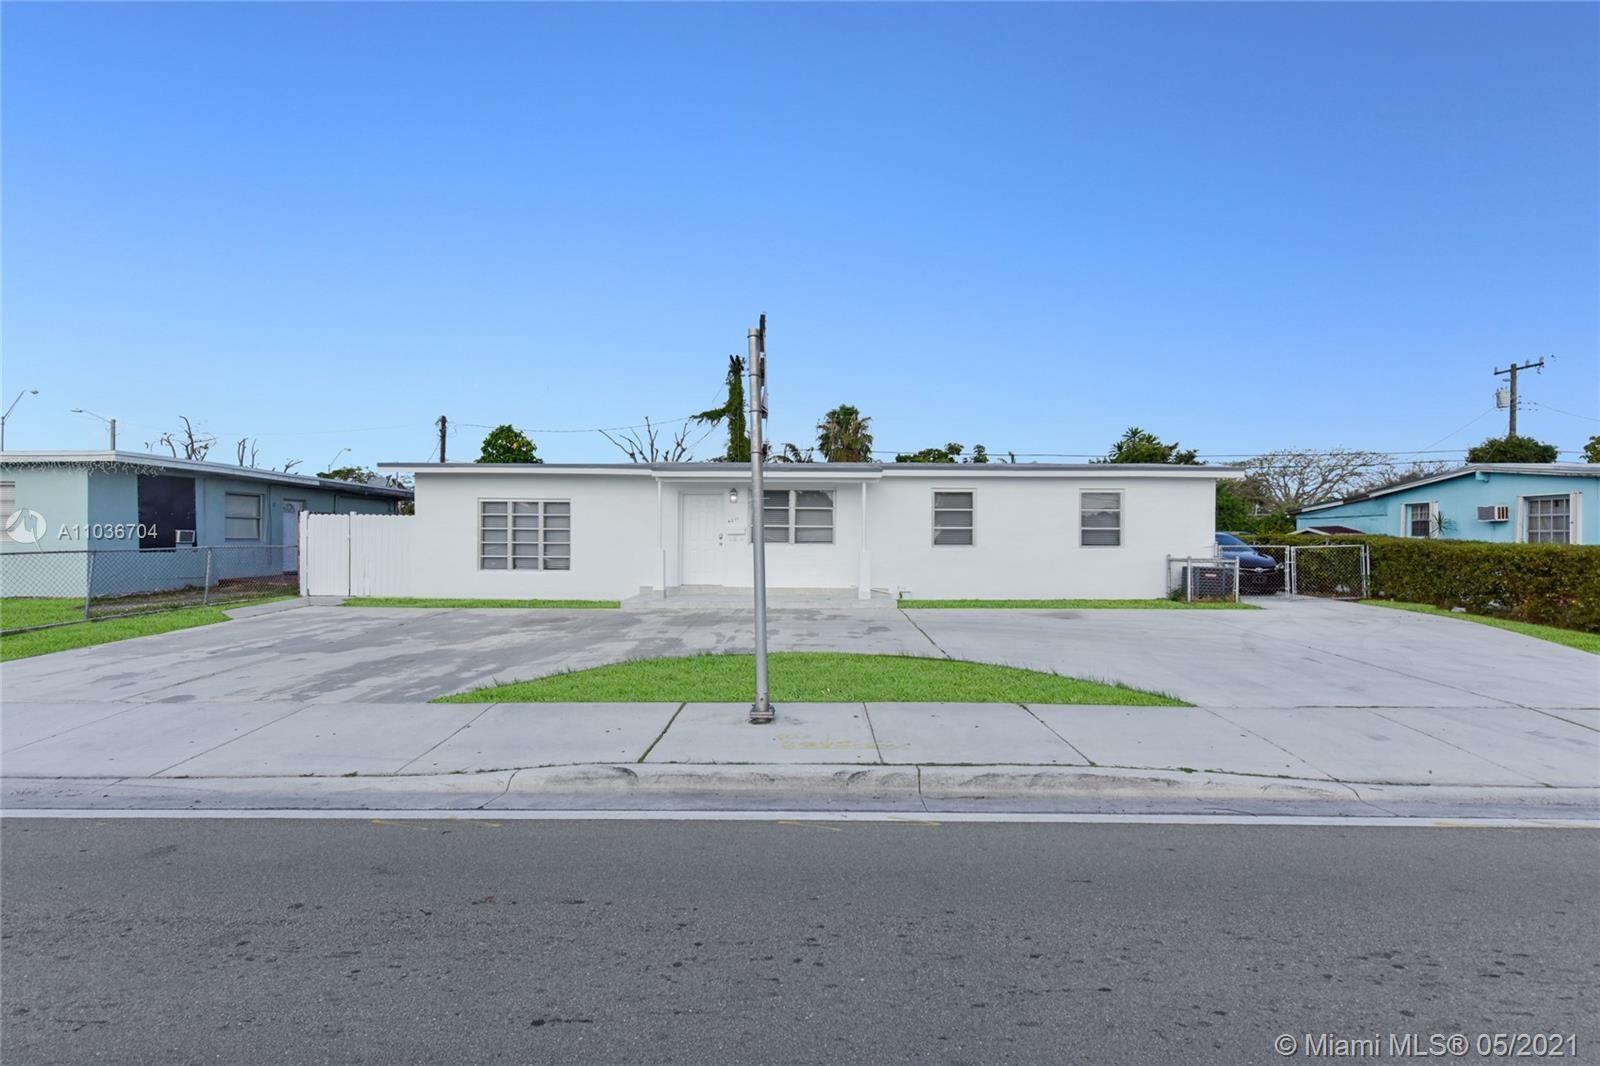 4011 SW 112th Ave, Miami, FL 33165 - #: A11036704